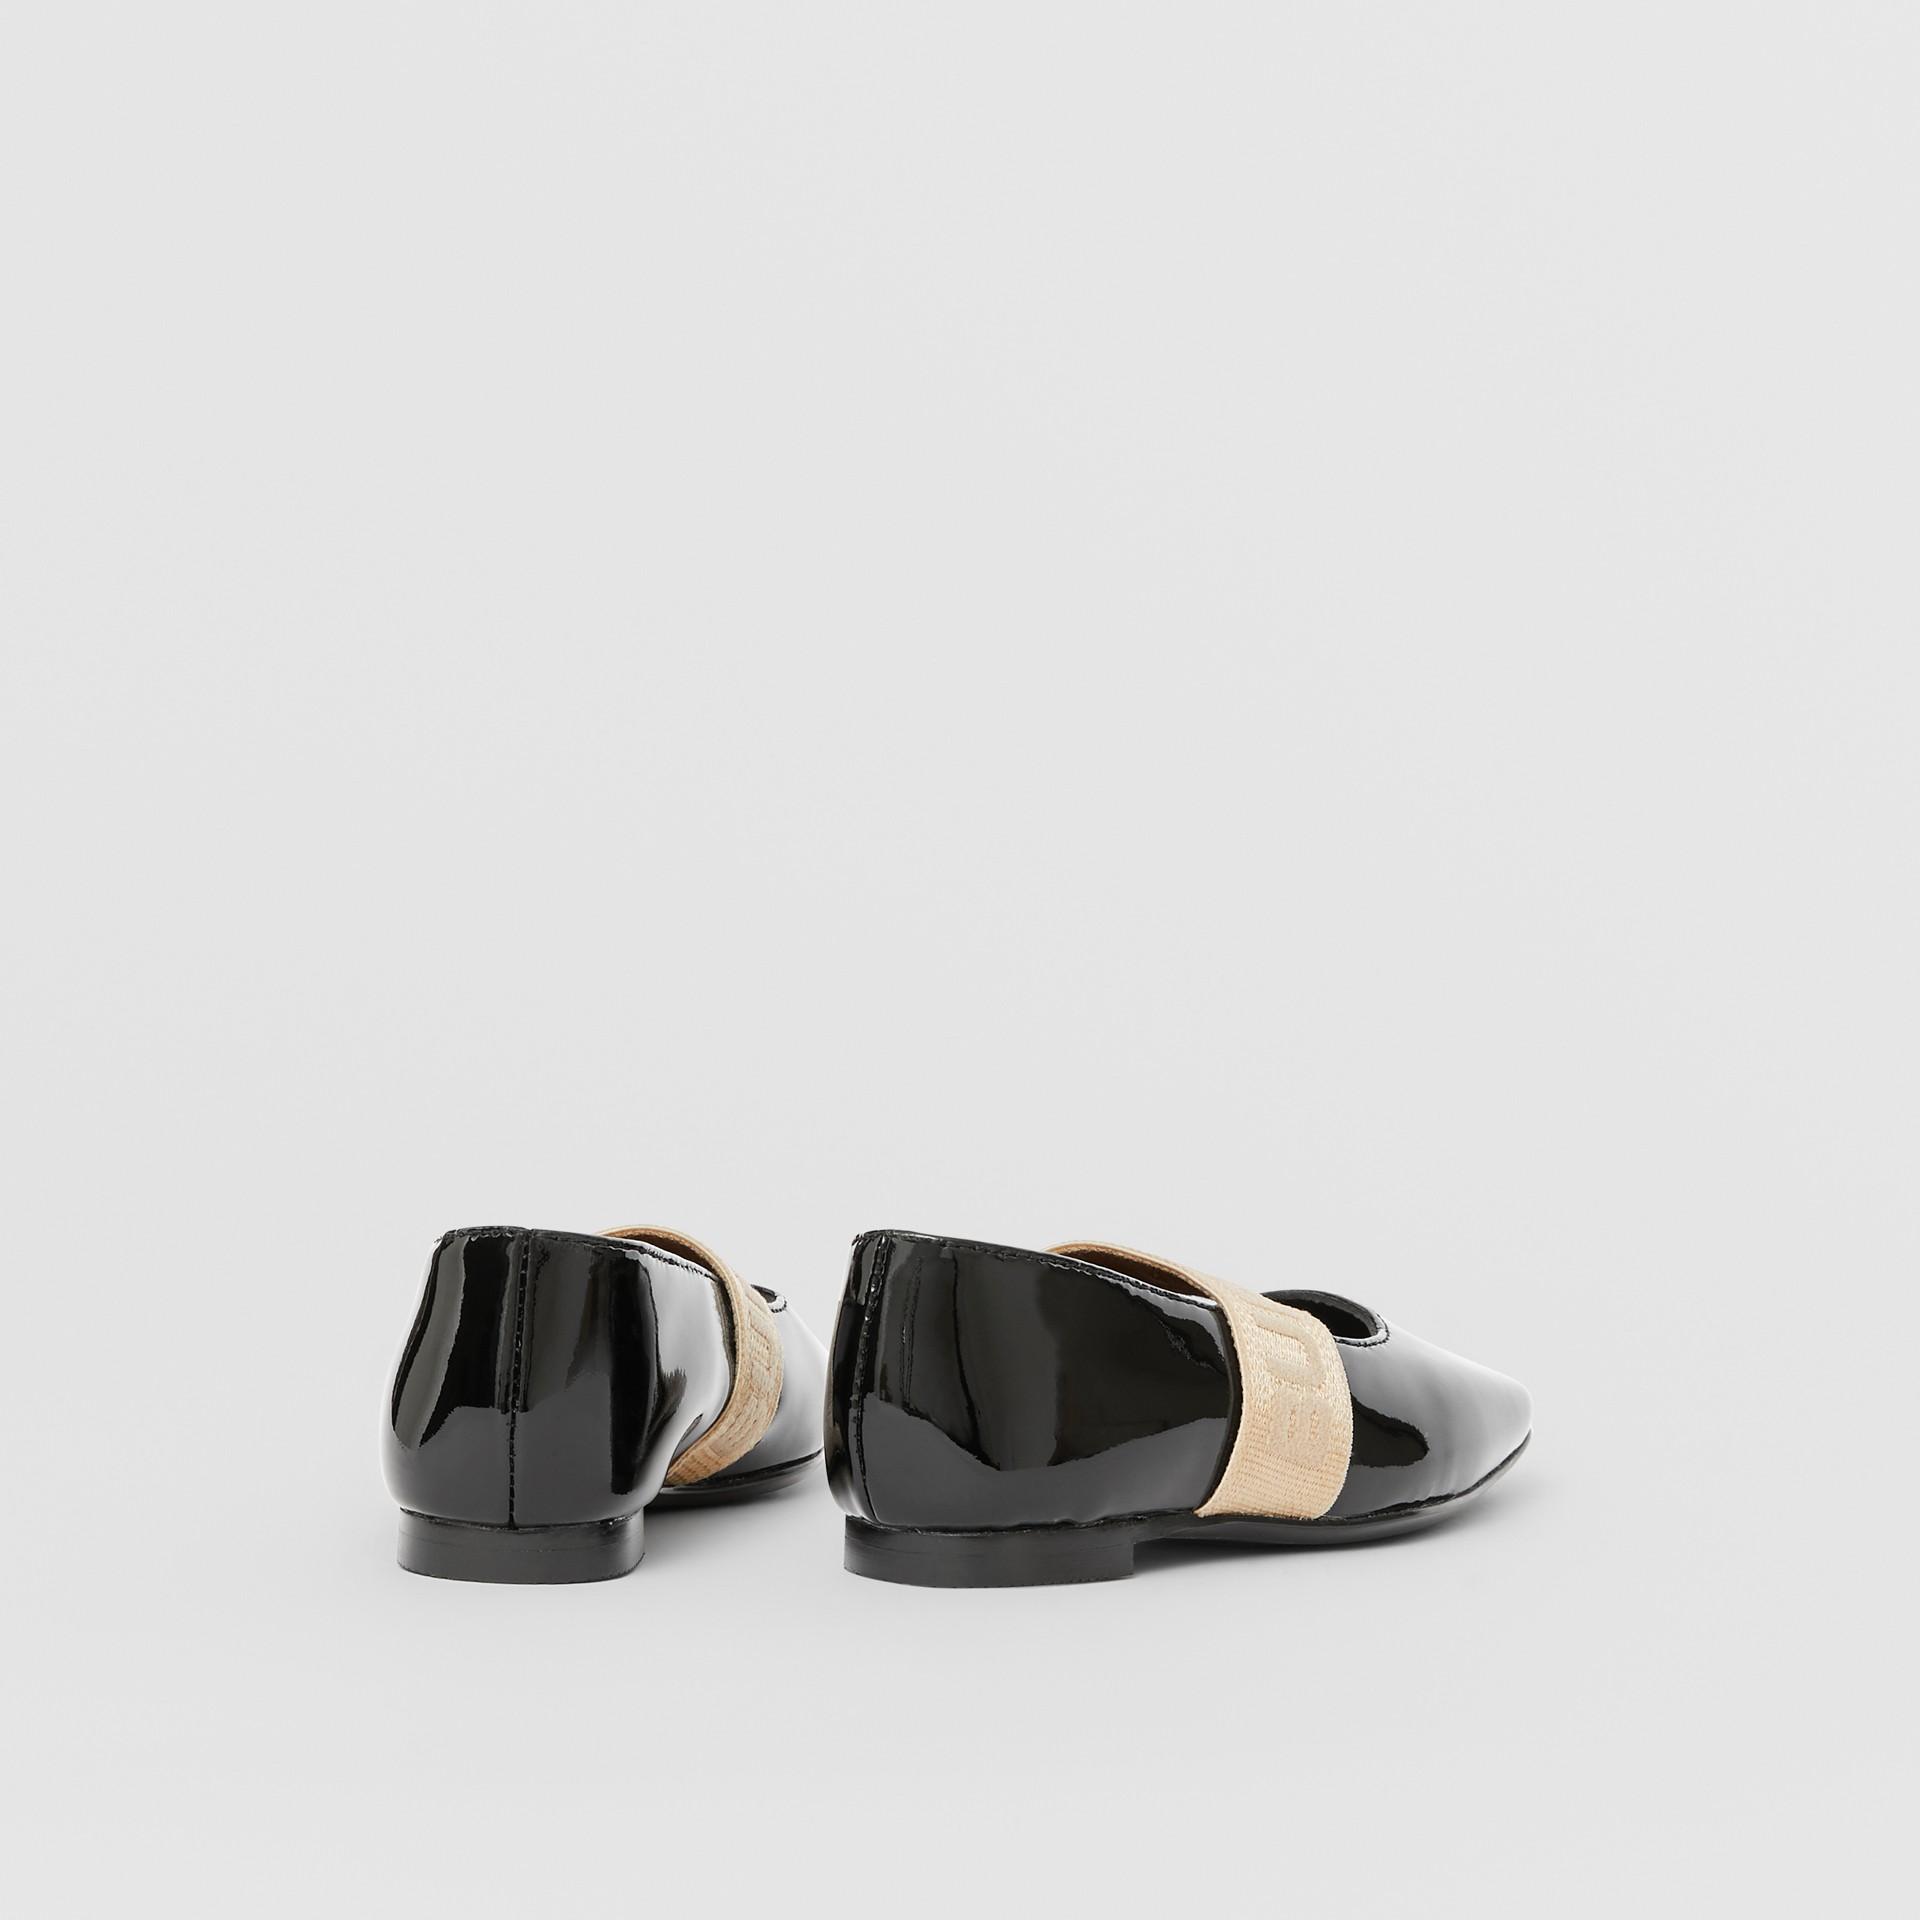 Scarpe basse in pelle verniciata con logo (Nero) - Bambini | Burberry - immagine della galleria 2